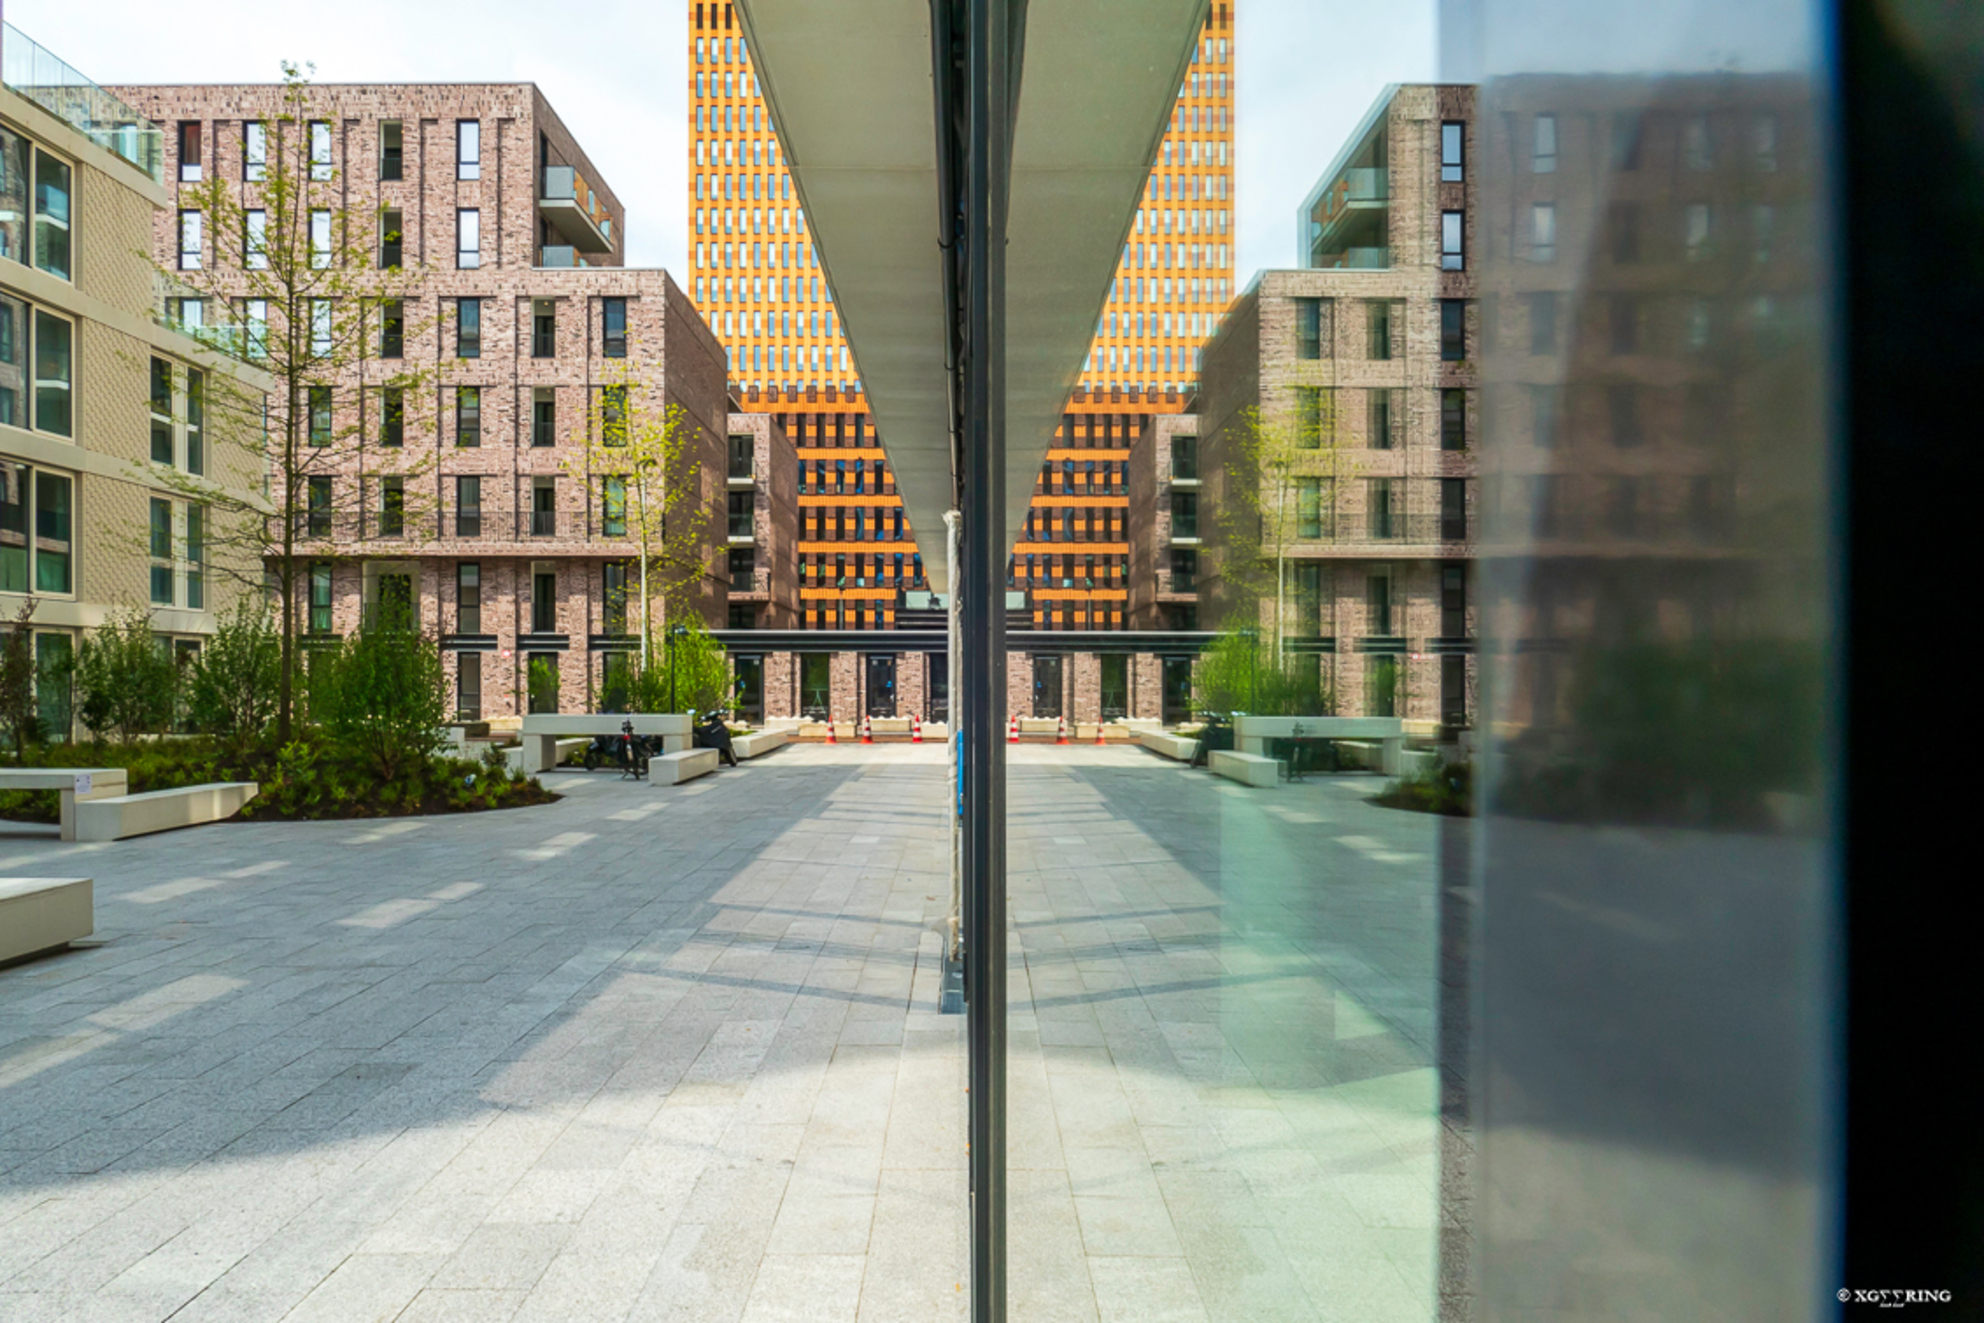 Zuidas 8 - En als je dan toch op deze locatie bent (dezelfde locatie als de vorige foto) dan kun je gelijk even gaan 'spelen met glas'. - foto door xgeering op 12-05-2020 - deze foto bevat: amsterdam, glas, lijnen, architectuur, reflectie, gespiegeld, gebouw, perspectief, zuidas